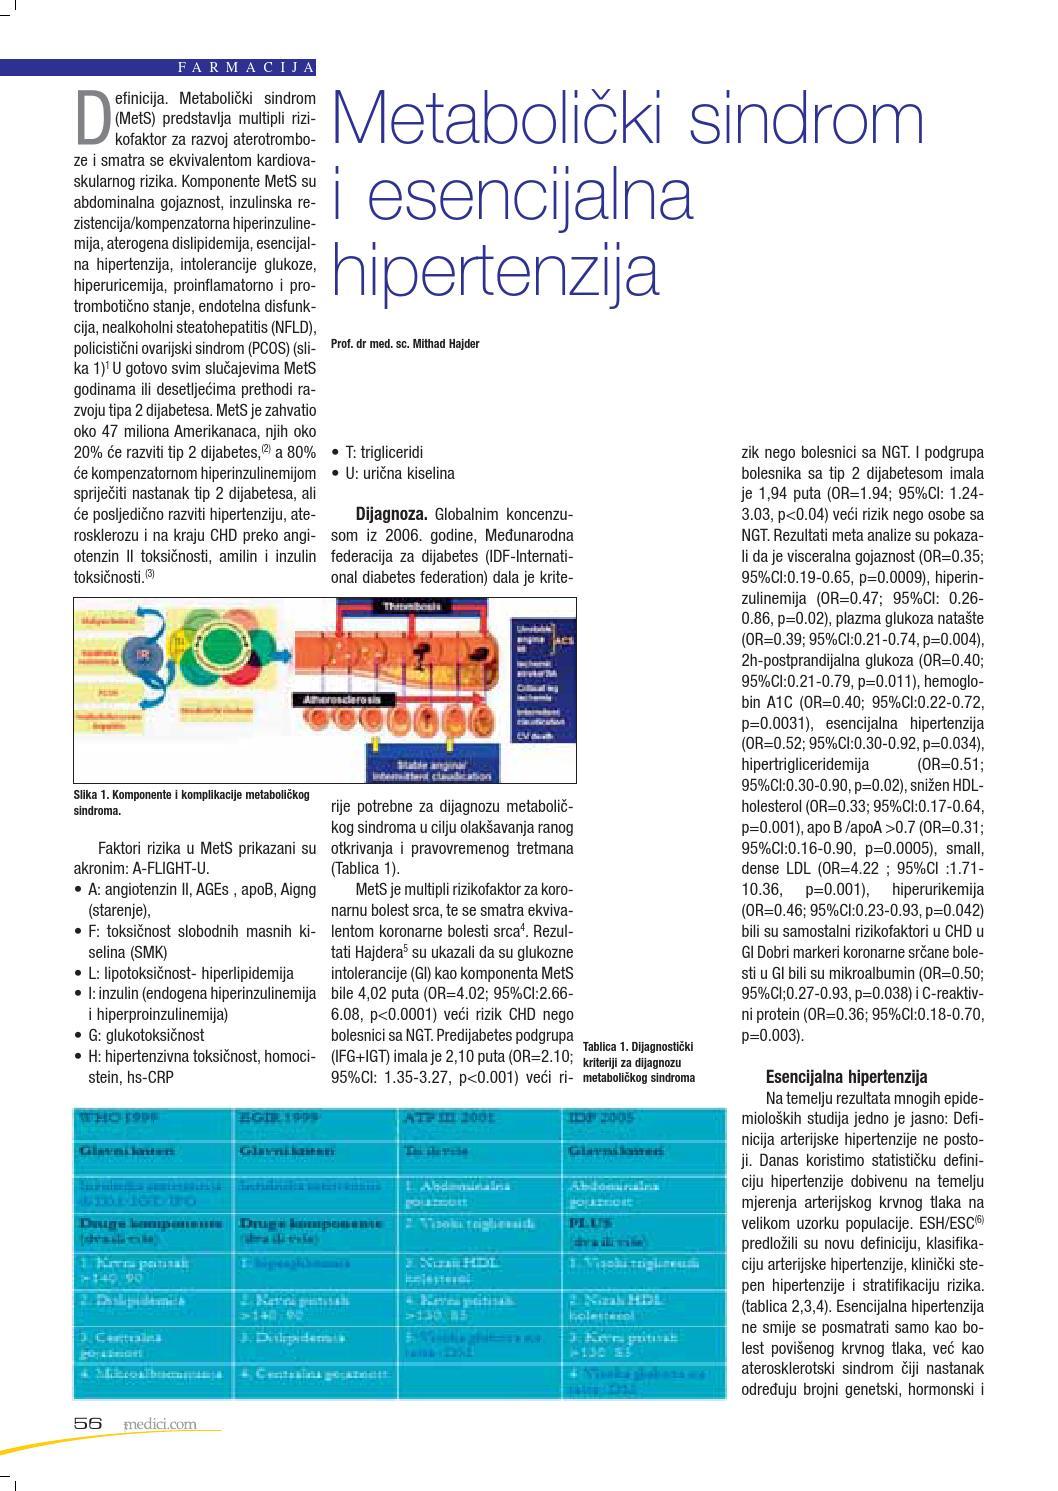 uzorak dijagnozu chd i hipertenzije